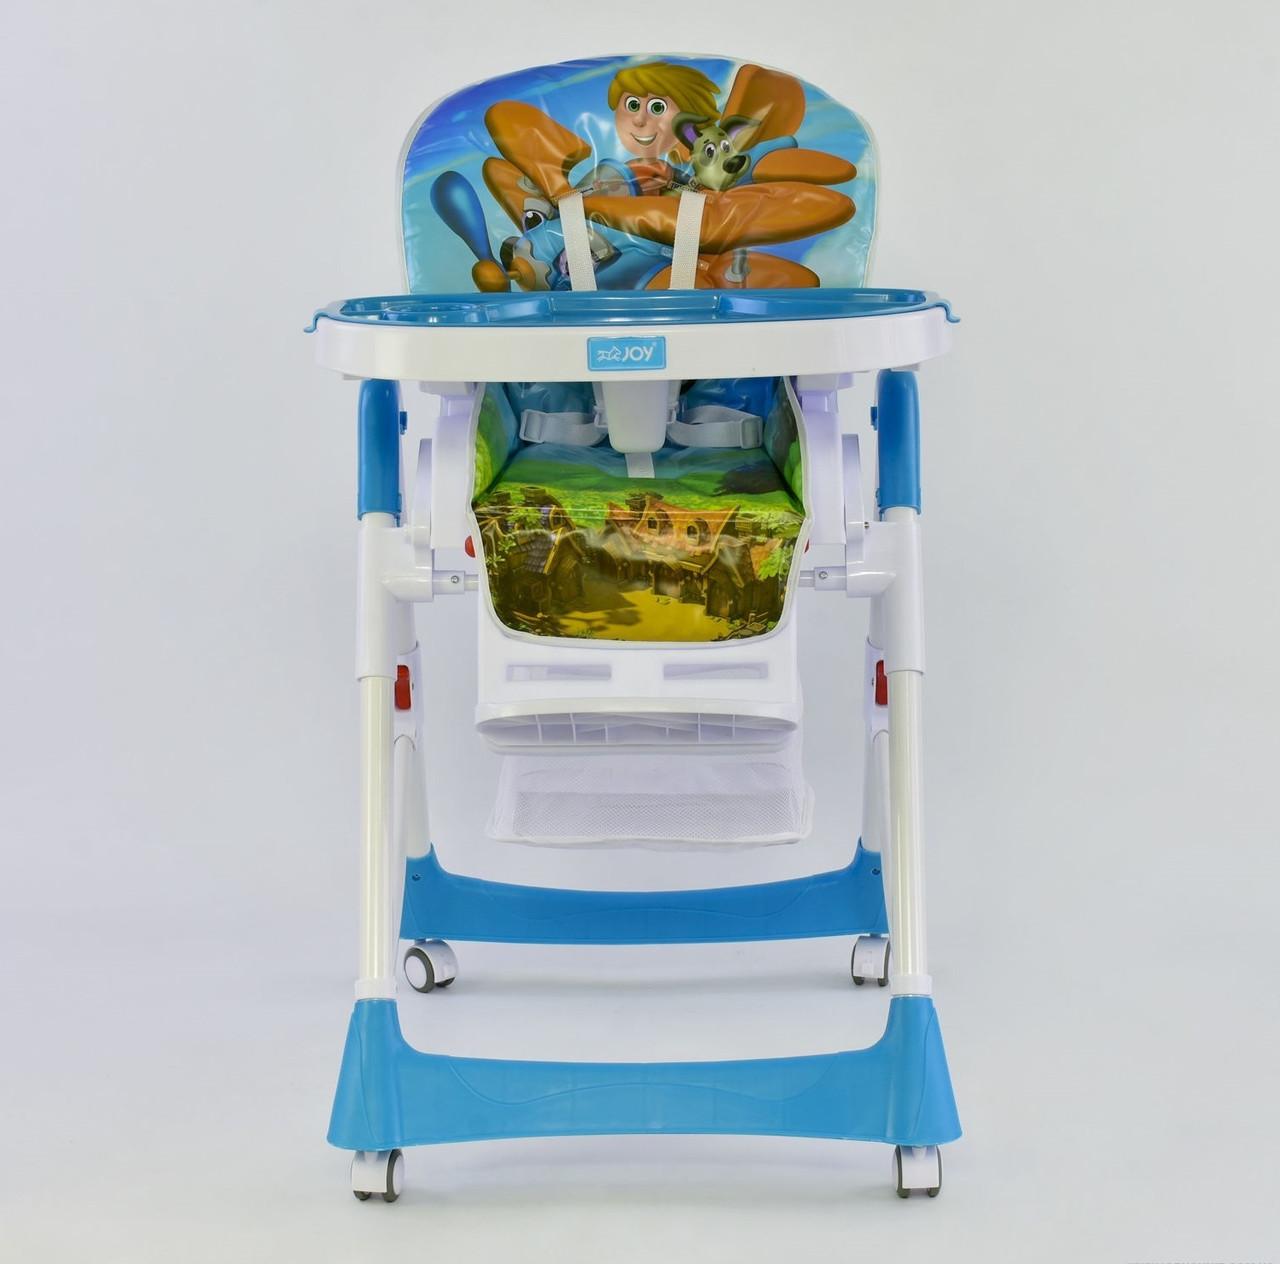 Joy Стульчик для кормления Joy J 7600 Light Blue (J 7600)